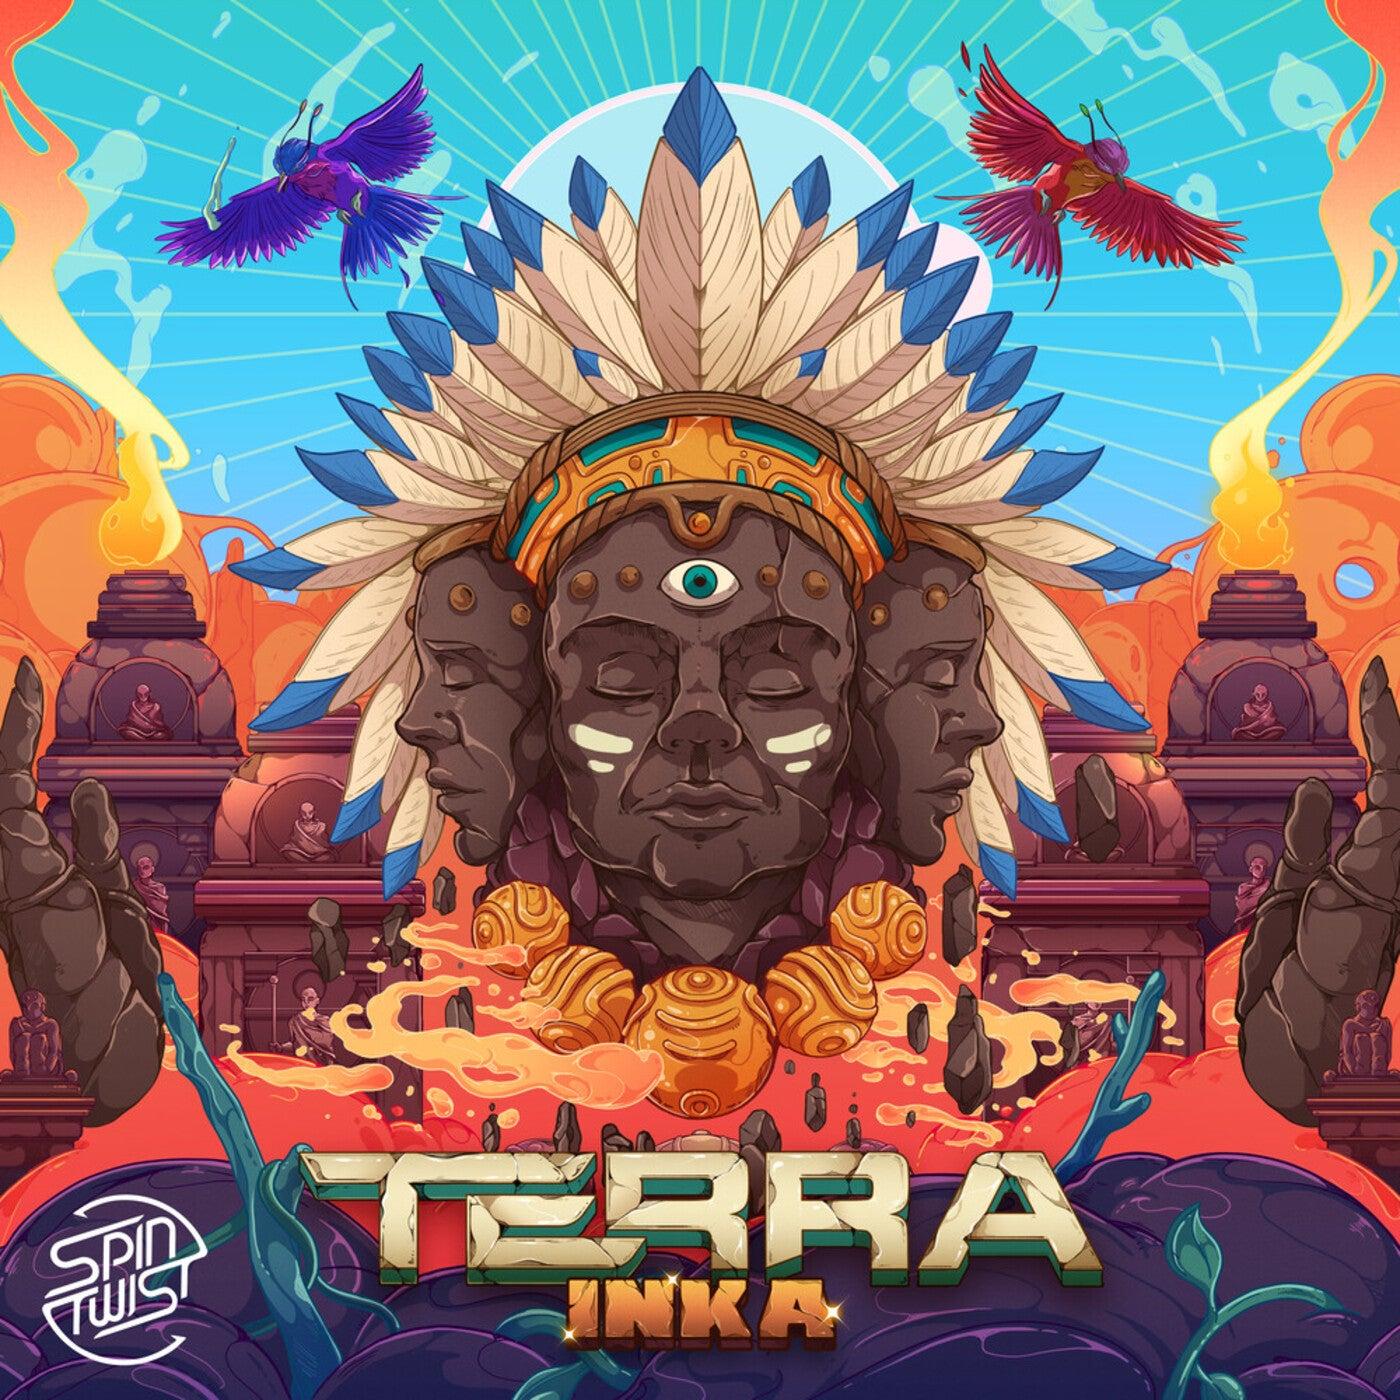 Inka (Original Mix)